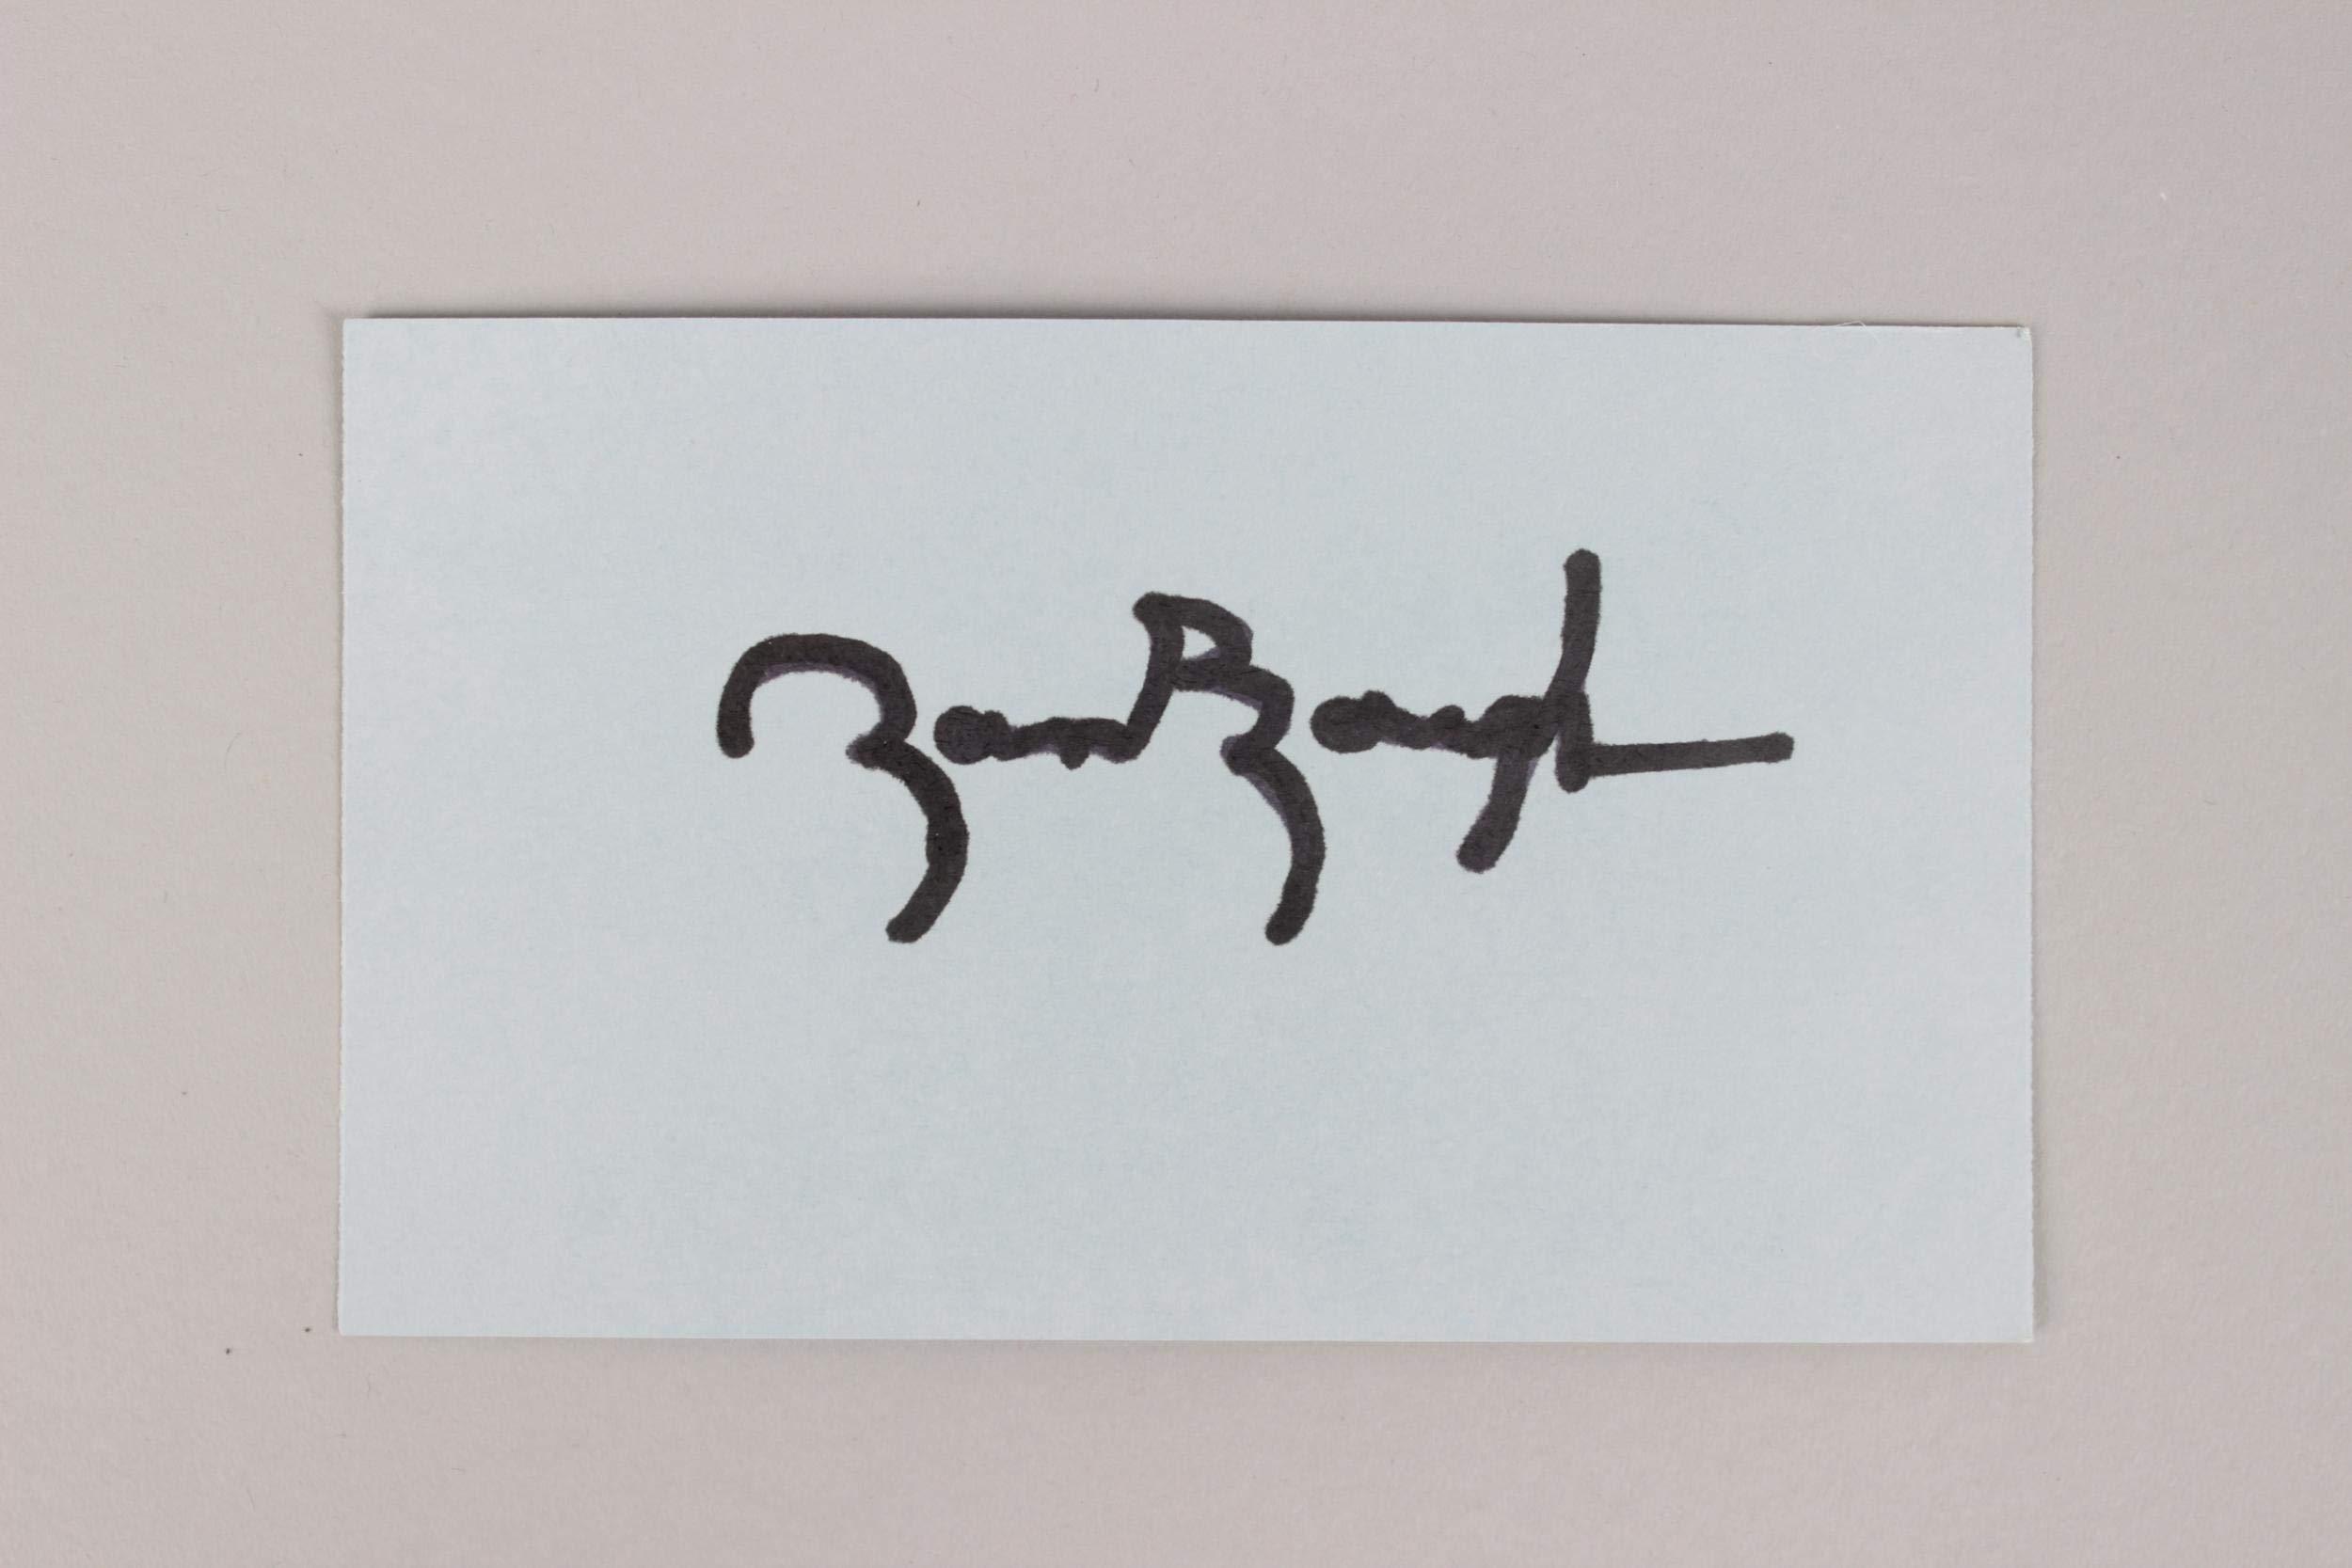 Washington Redskins HOF'er Sammy Baugh Signed 35 Index Card COA JSA Certified NFL Cut Signatures